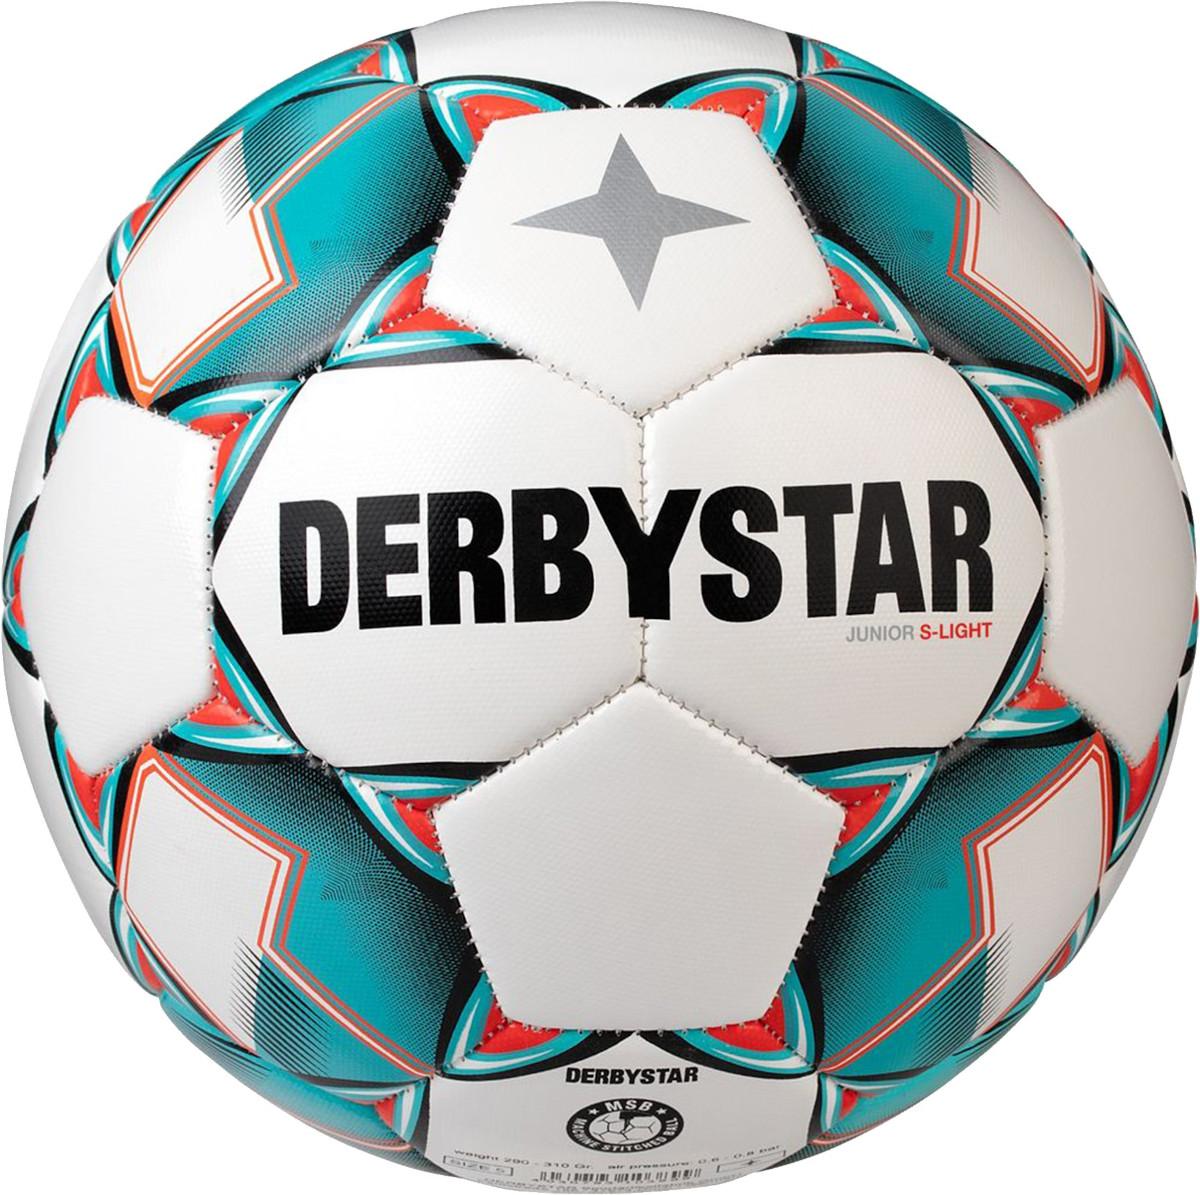 Lopta Derbystar S-Light v20 Light Fussball